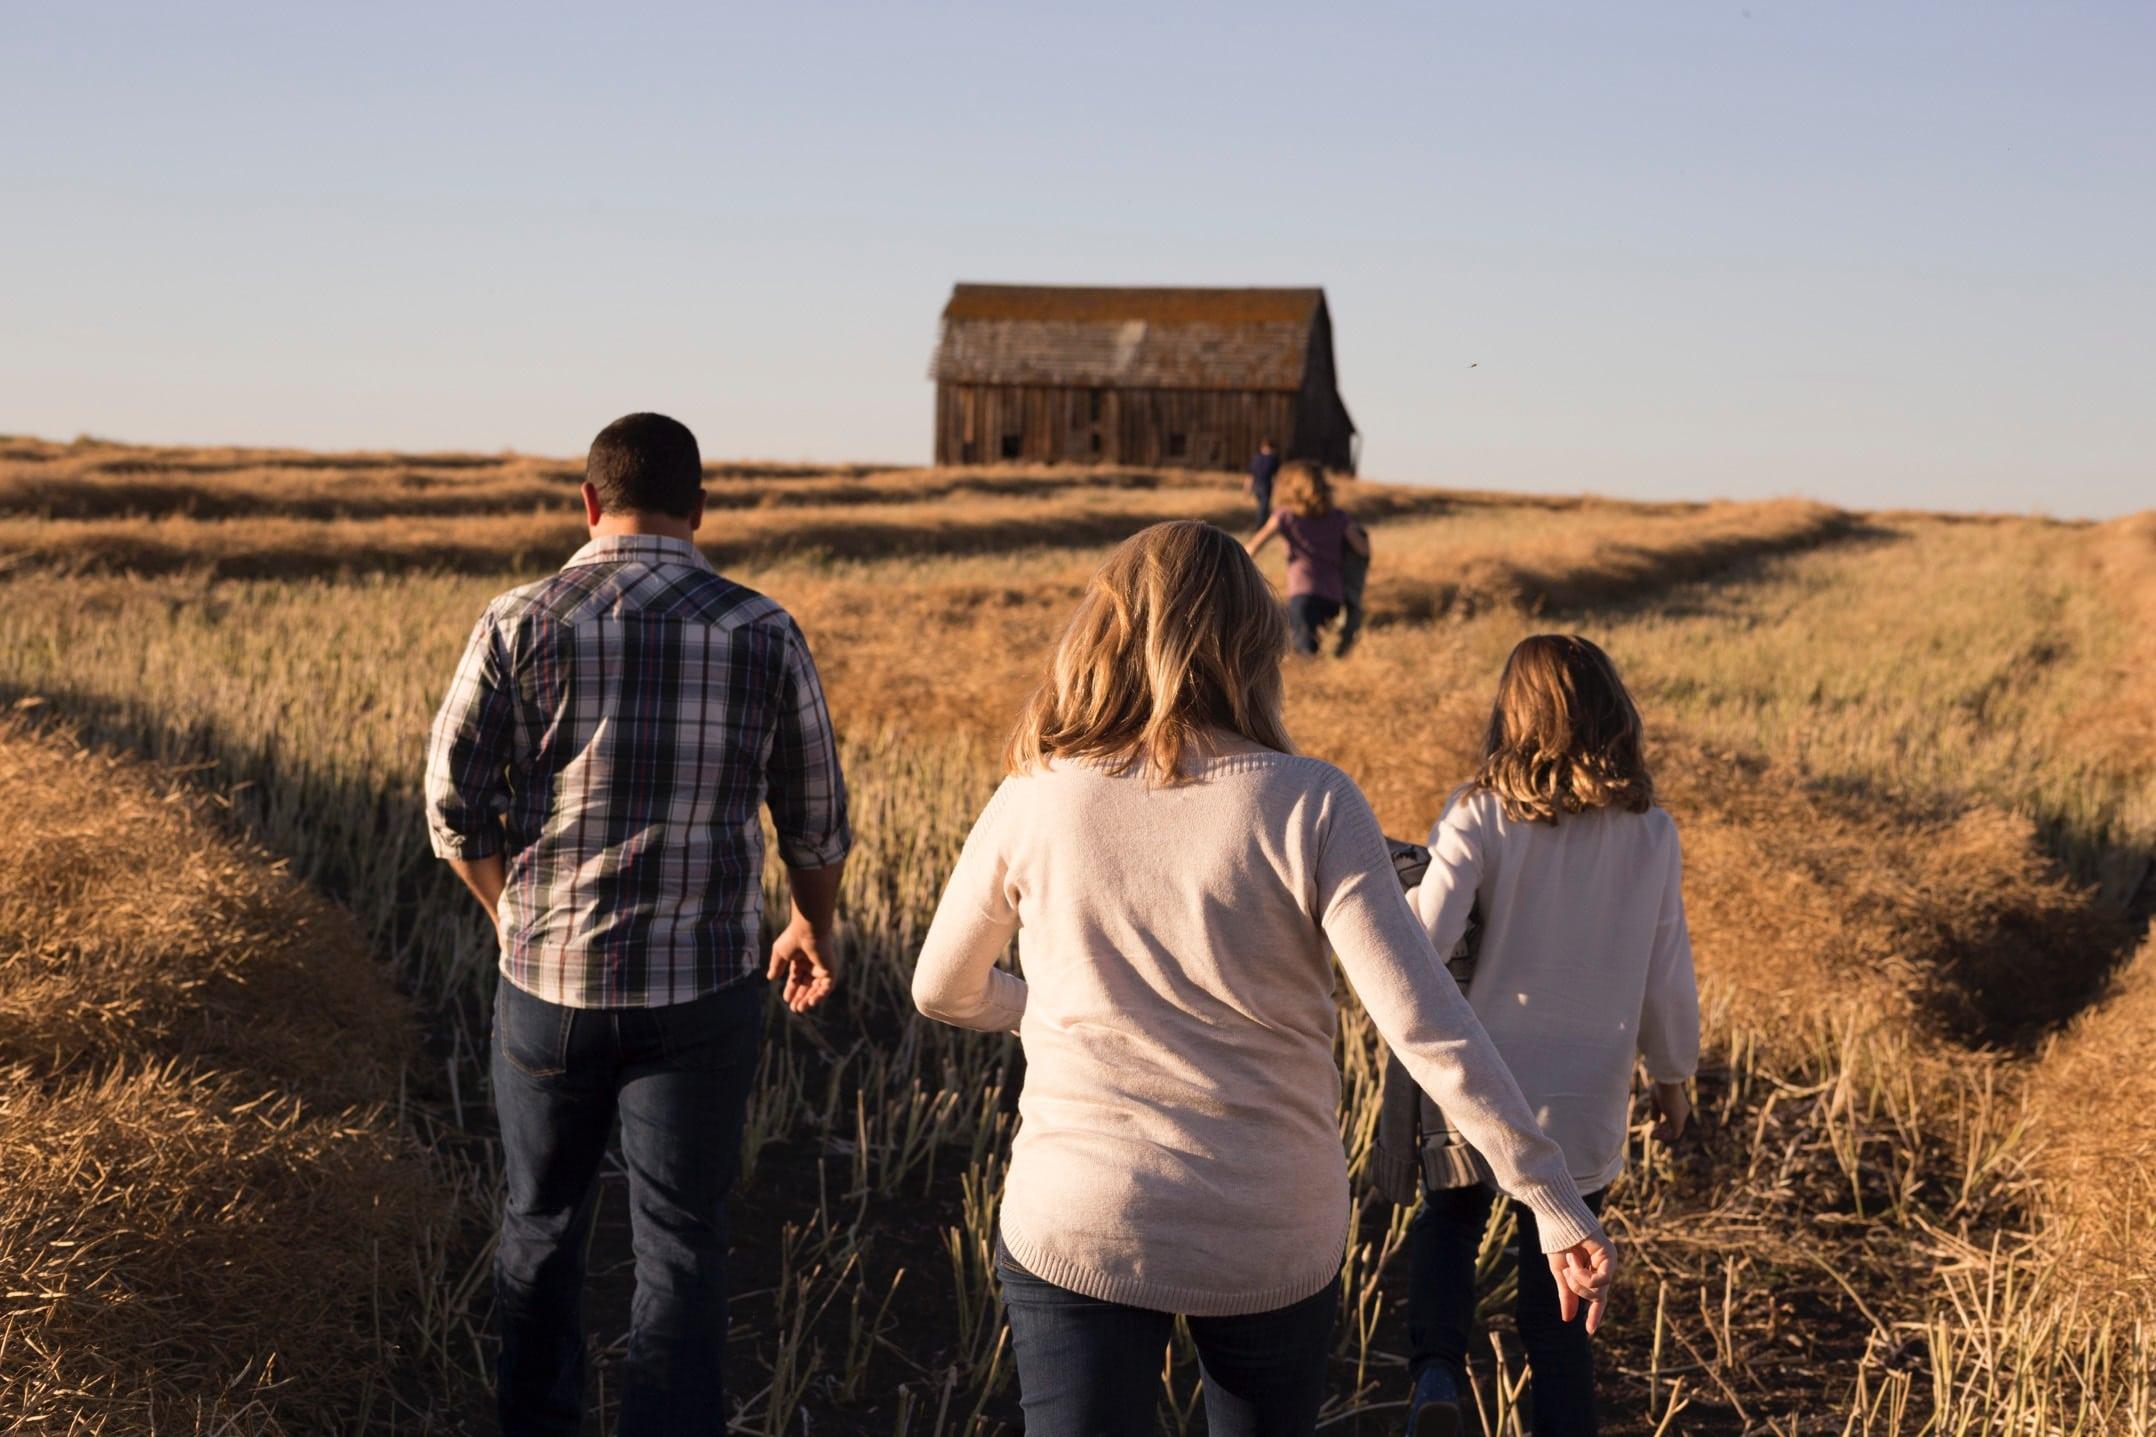 Família andando em campo seco de costas sentido celeiro